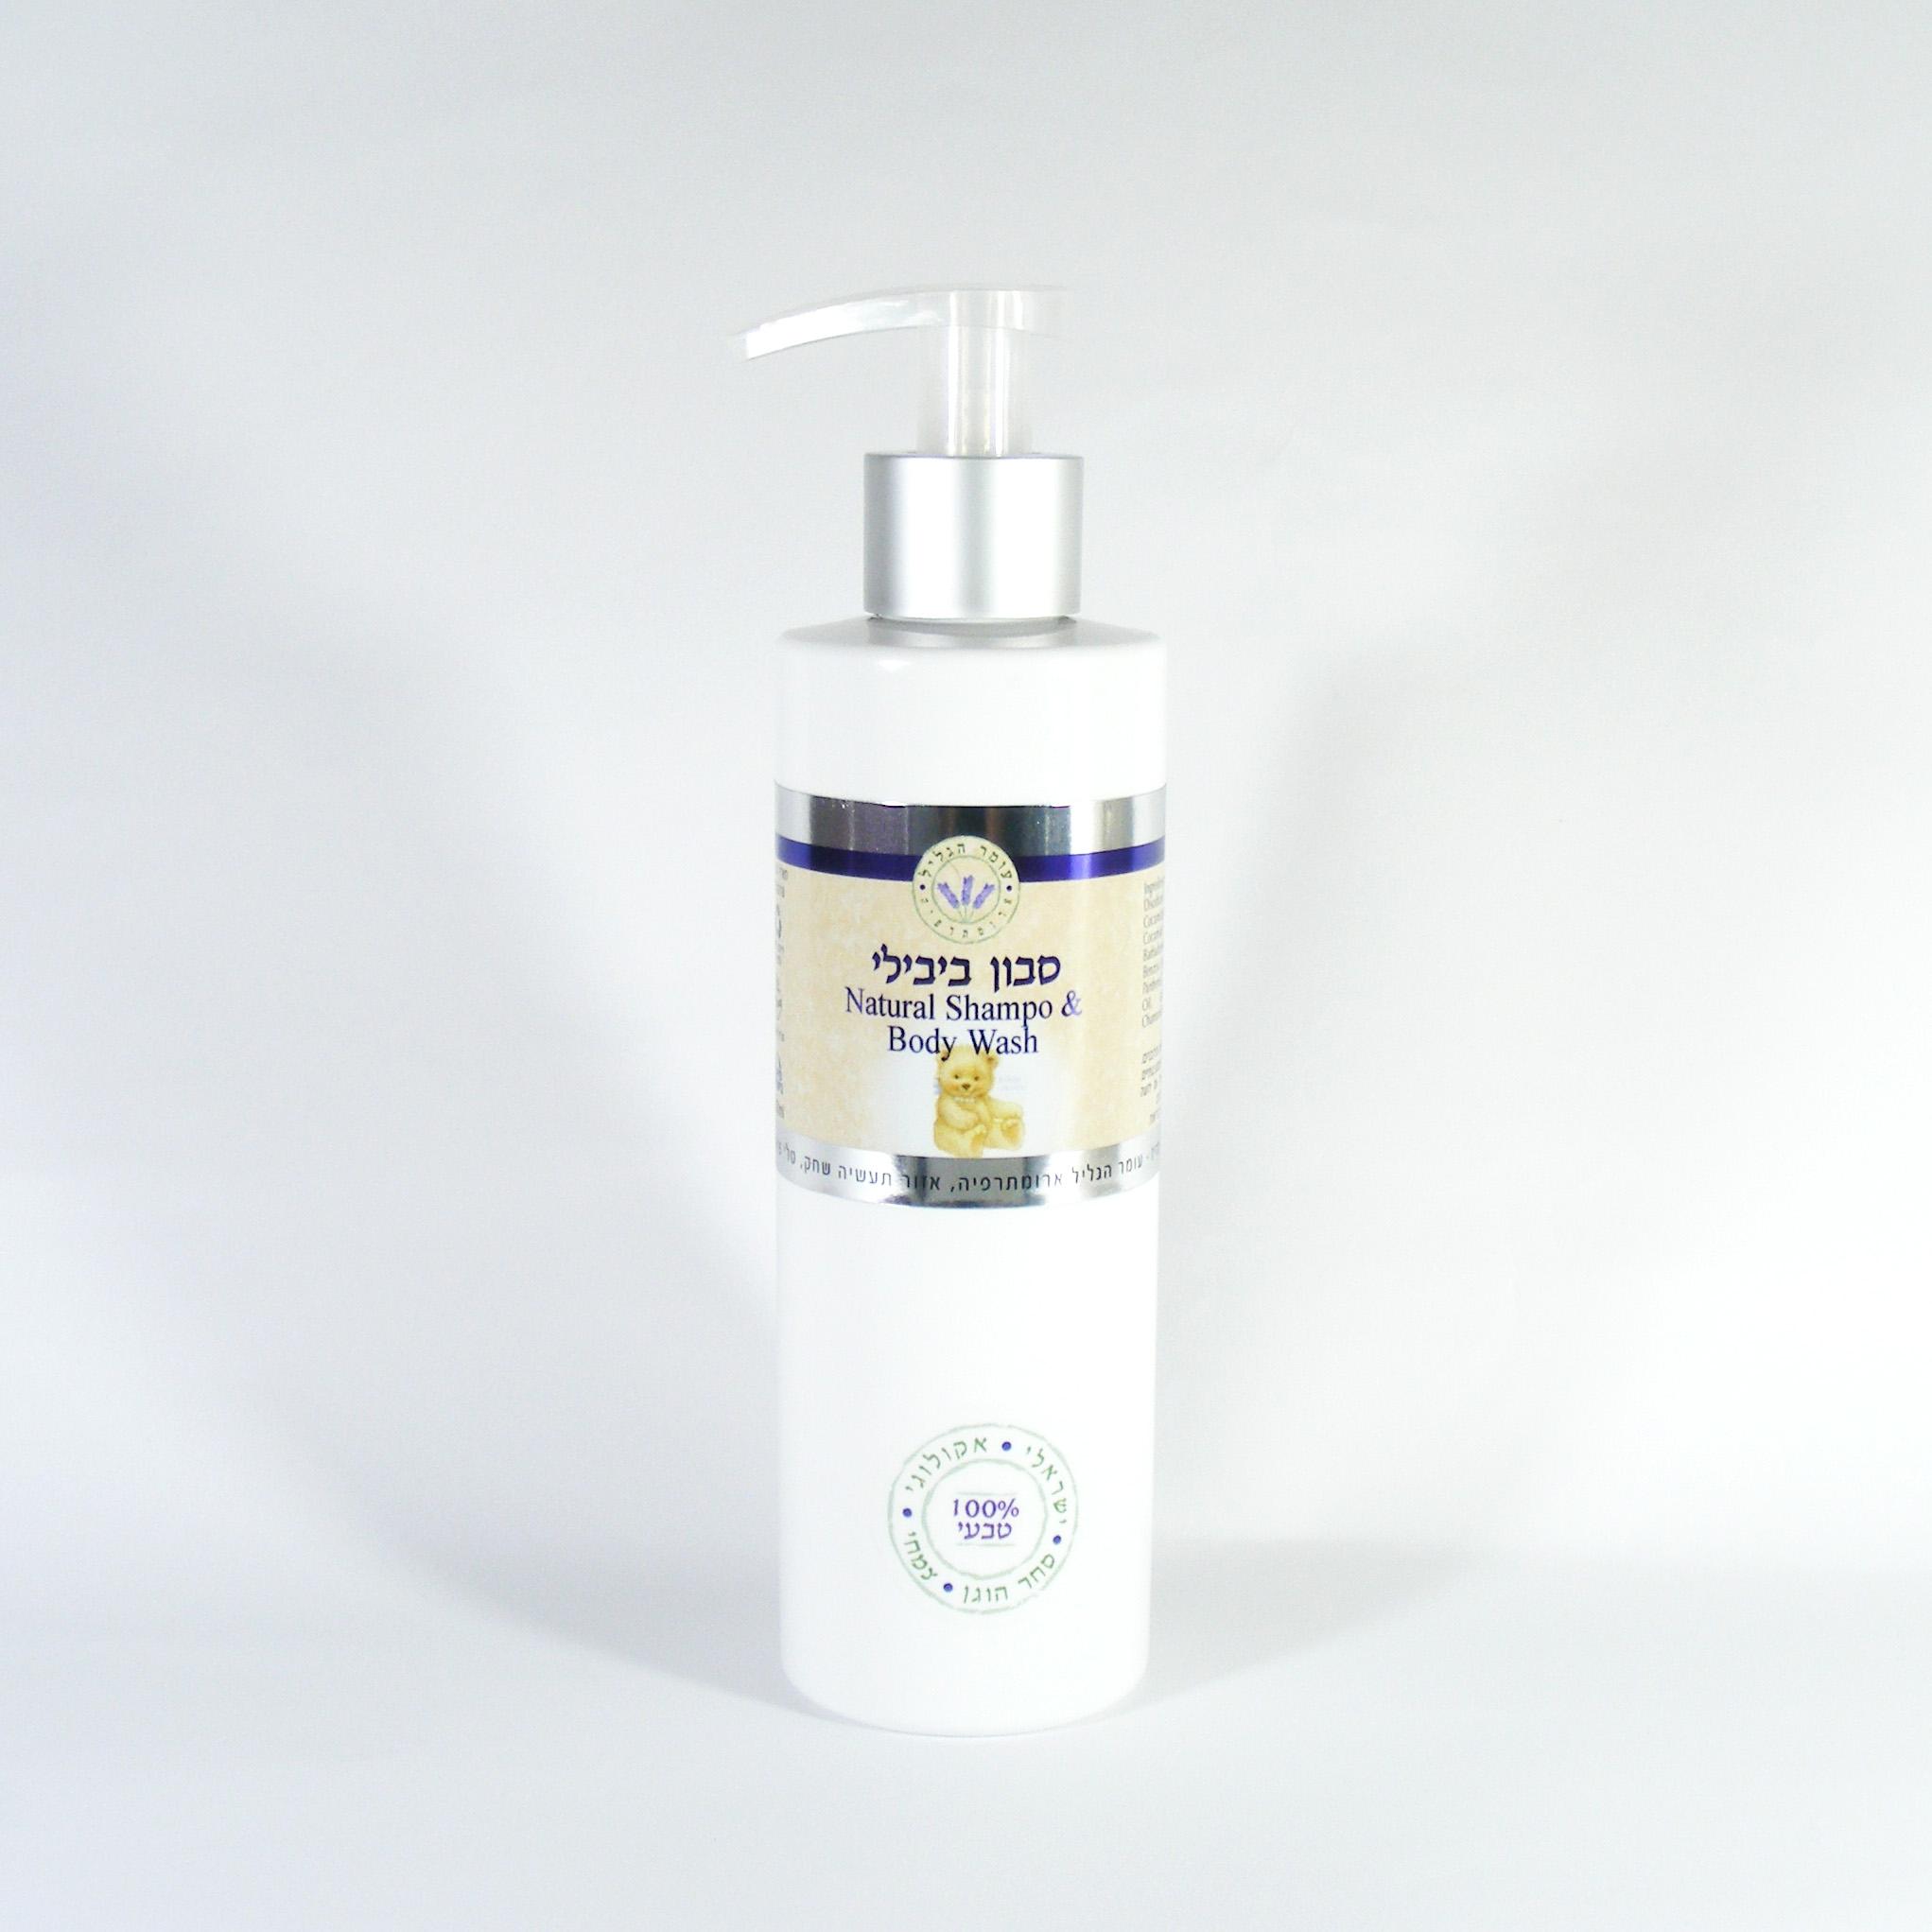 סבון בייבילי טבעי לגוף ולשיער עומר הגליל